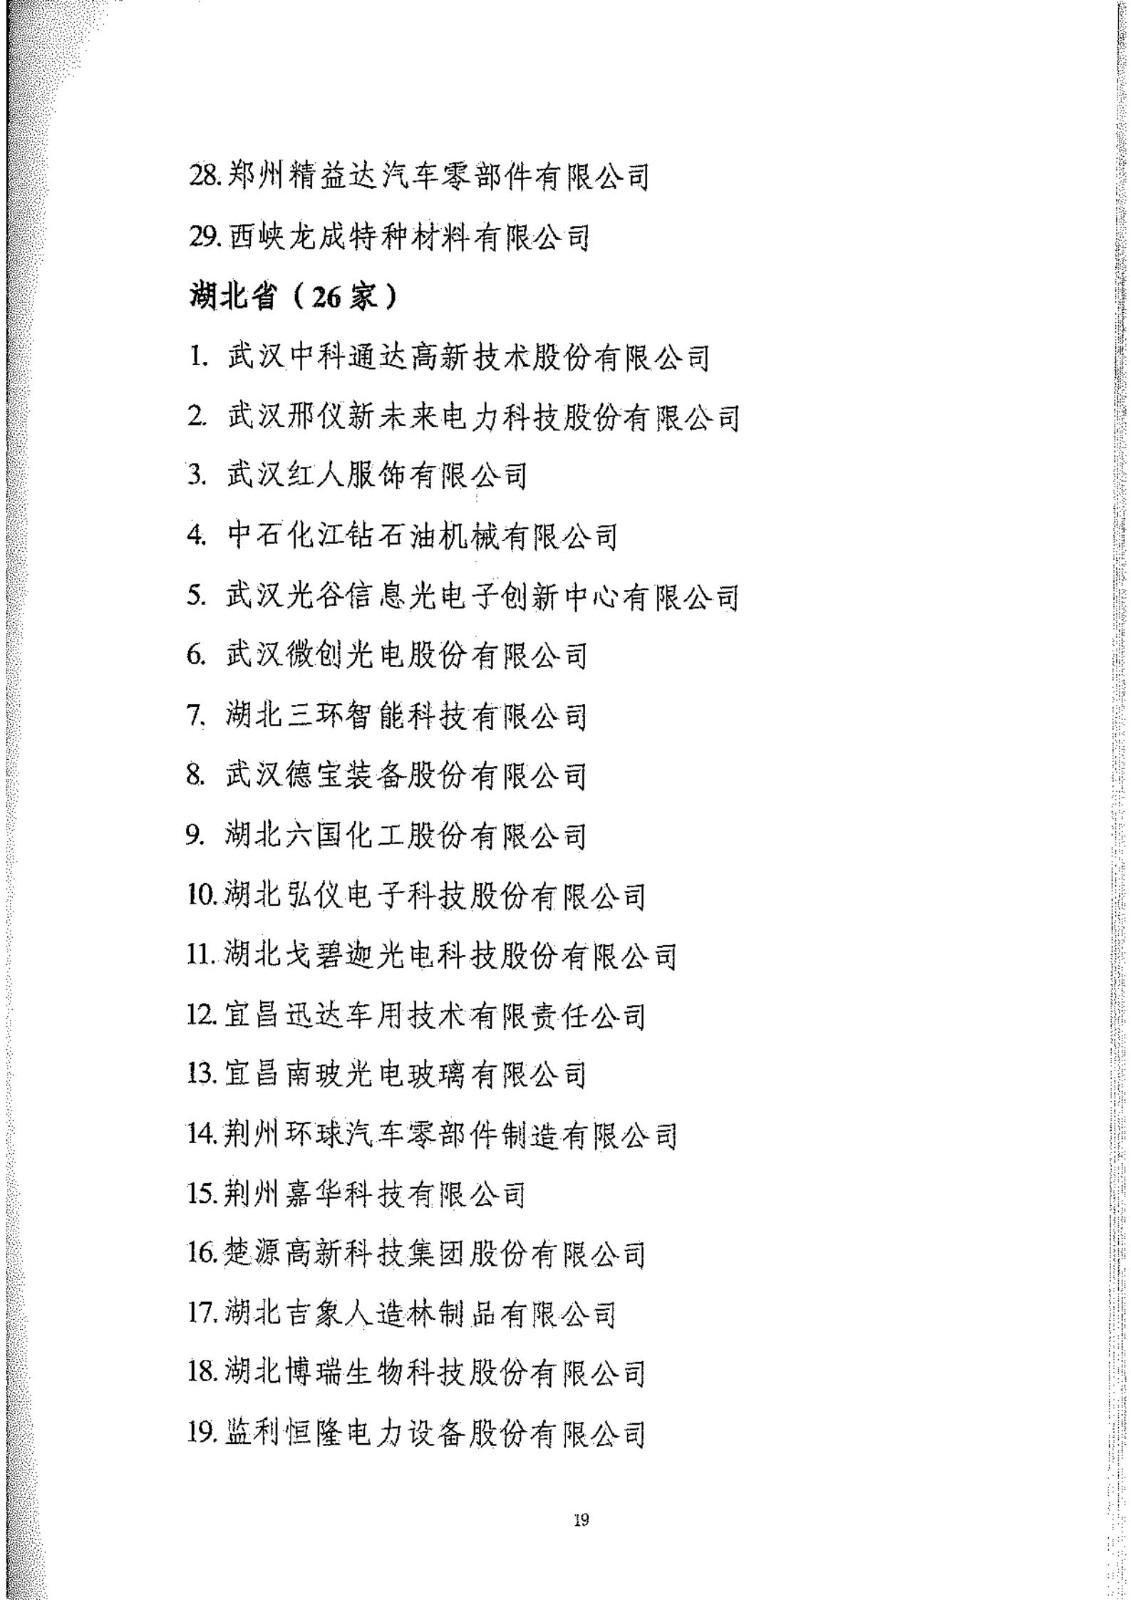 工信部:2020年工业企业知识产权运用试点名单公布